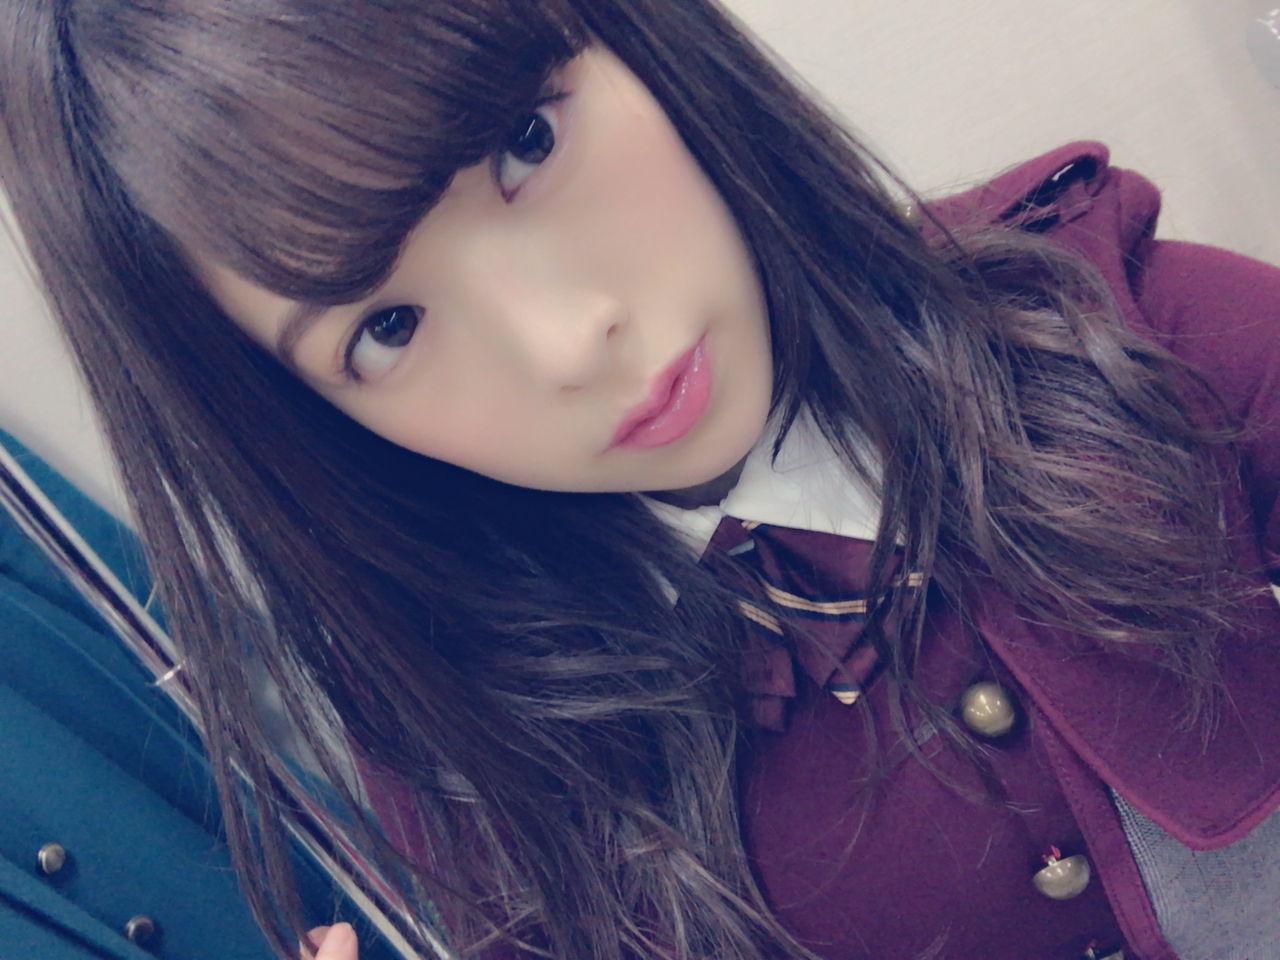 sub-member-6899_06_jpg